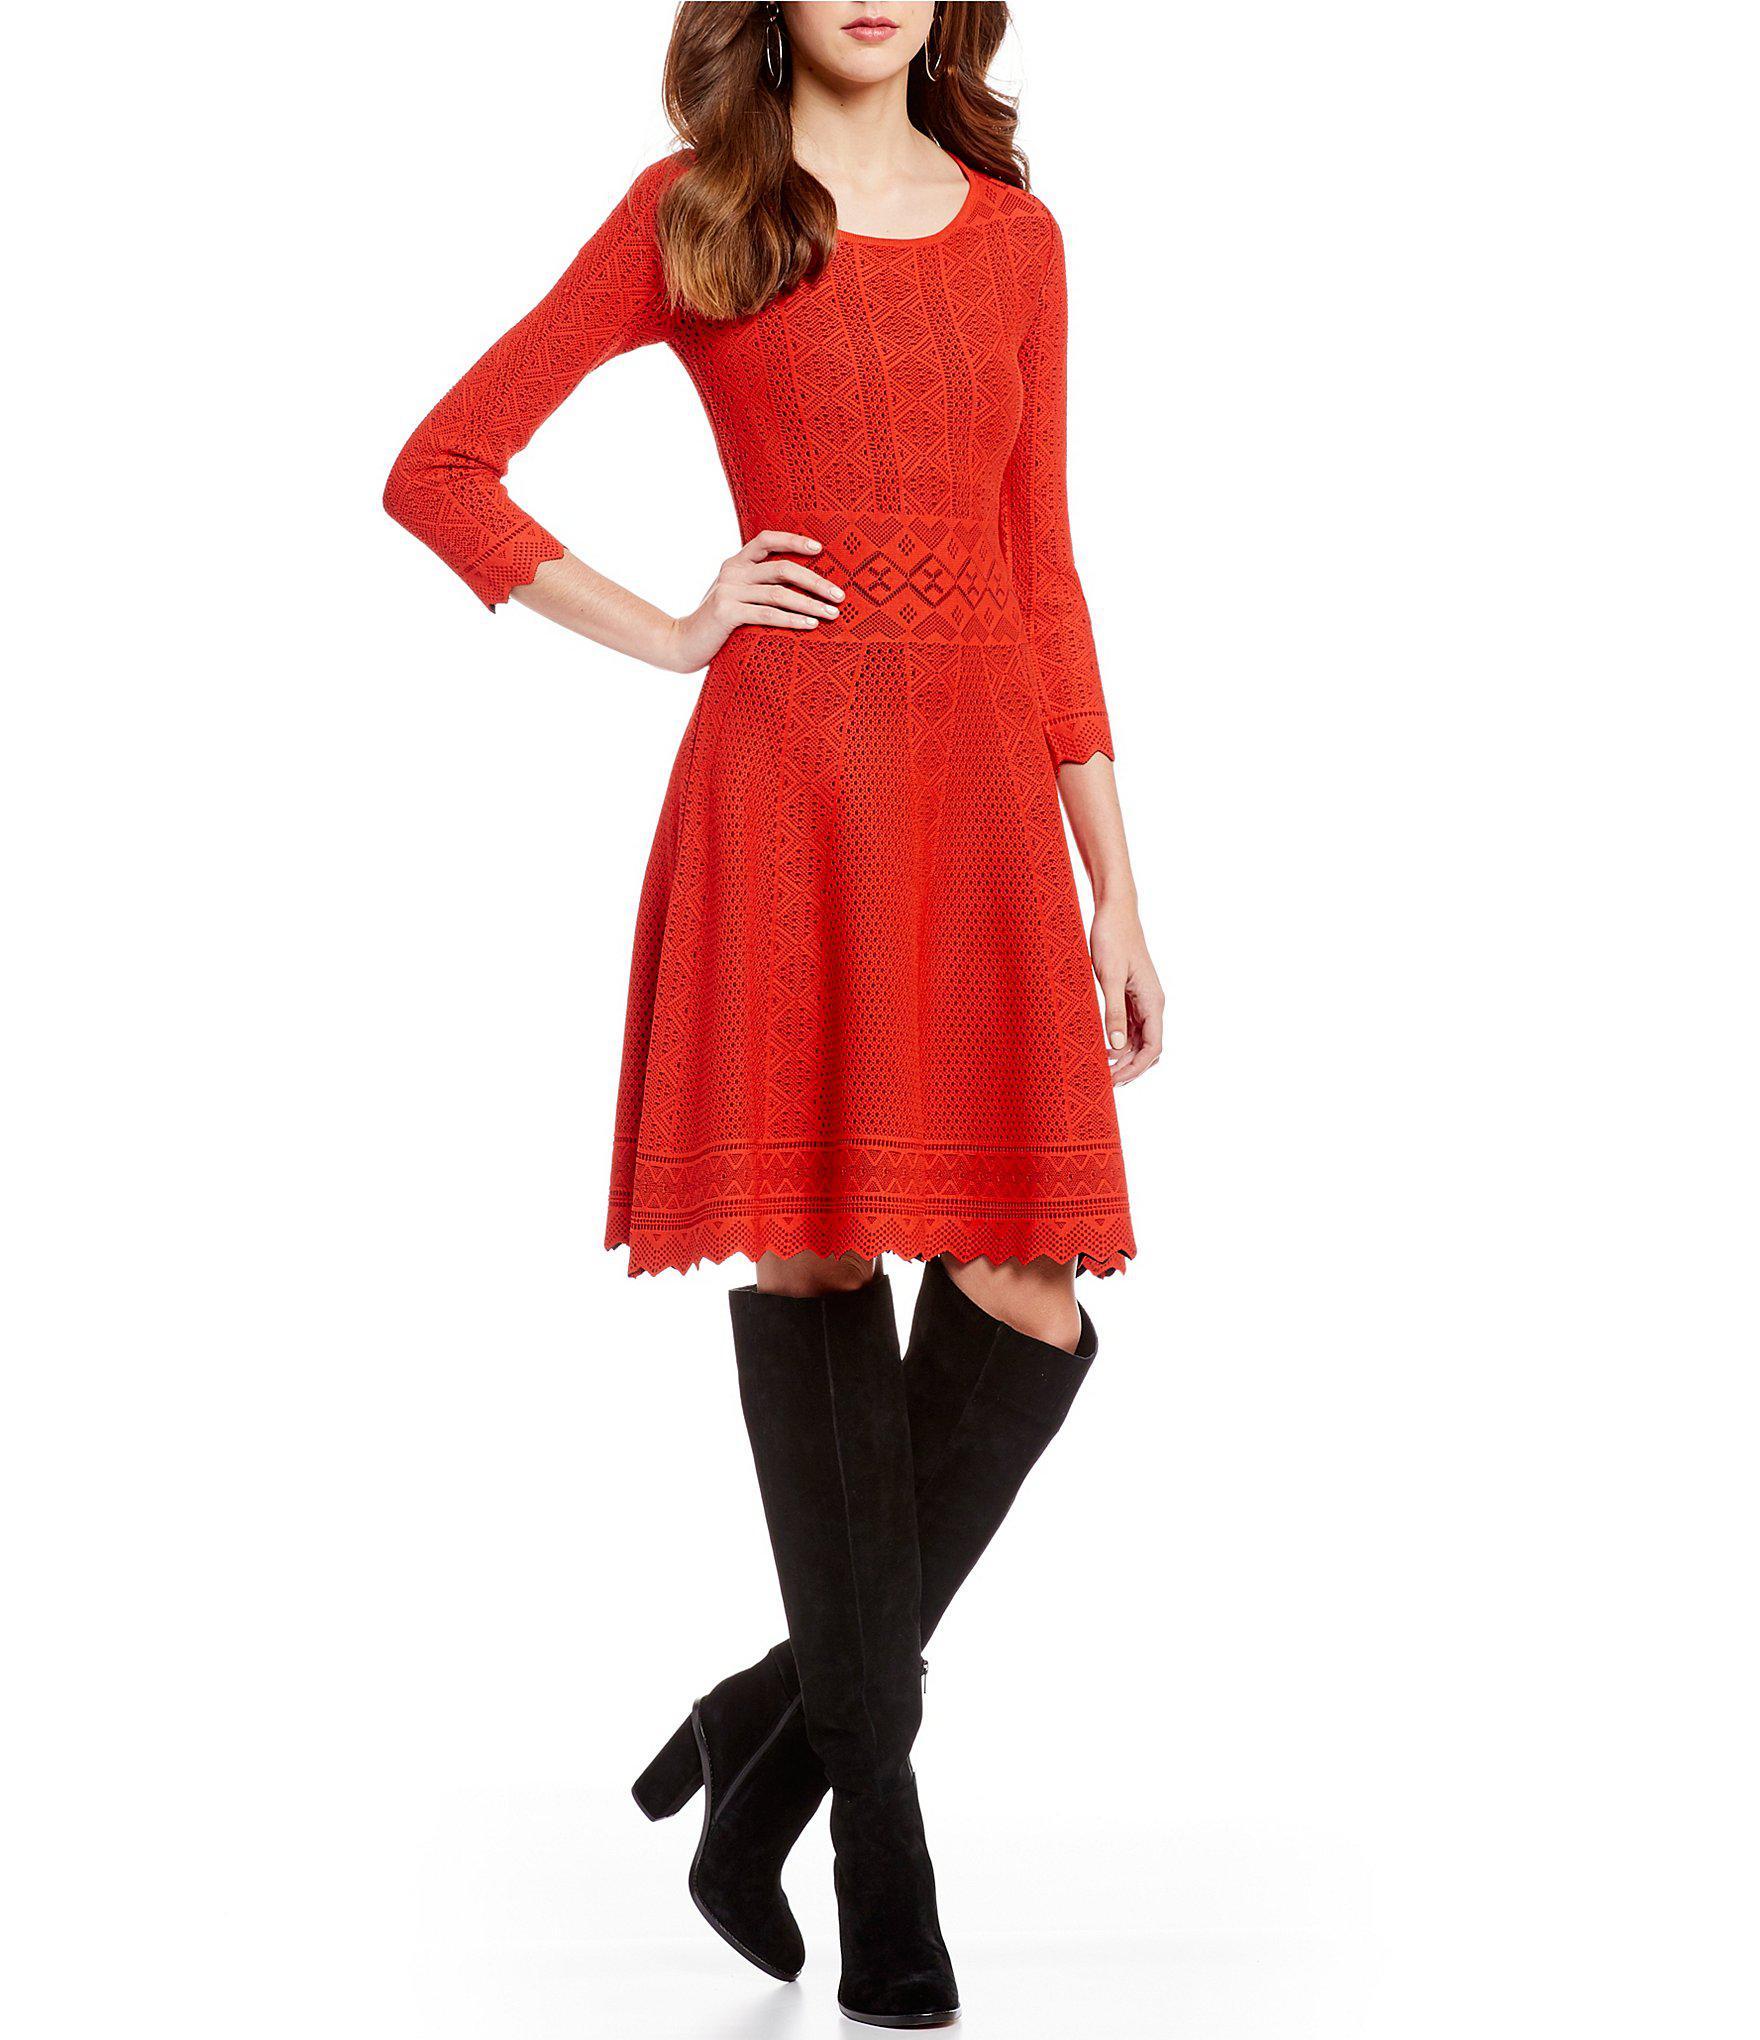 2ed8a61f07e Lyst - Gianni Bini Dani Scalloped Hem Sweater Dress in Red